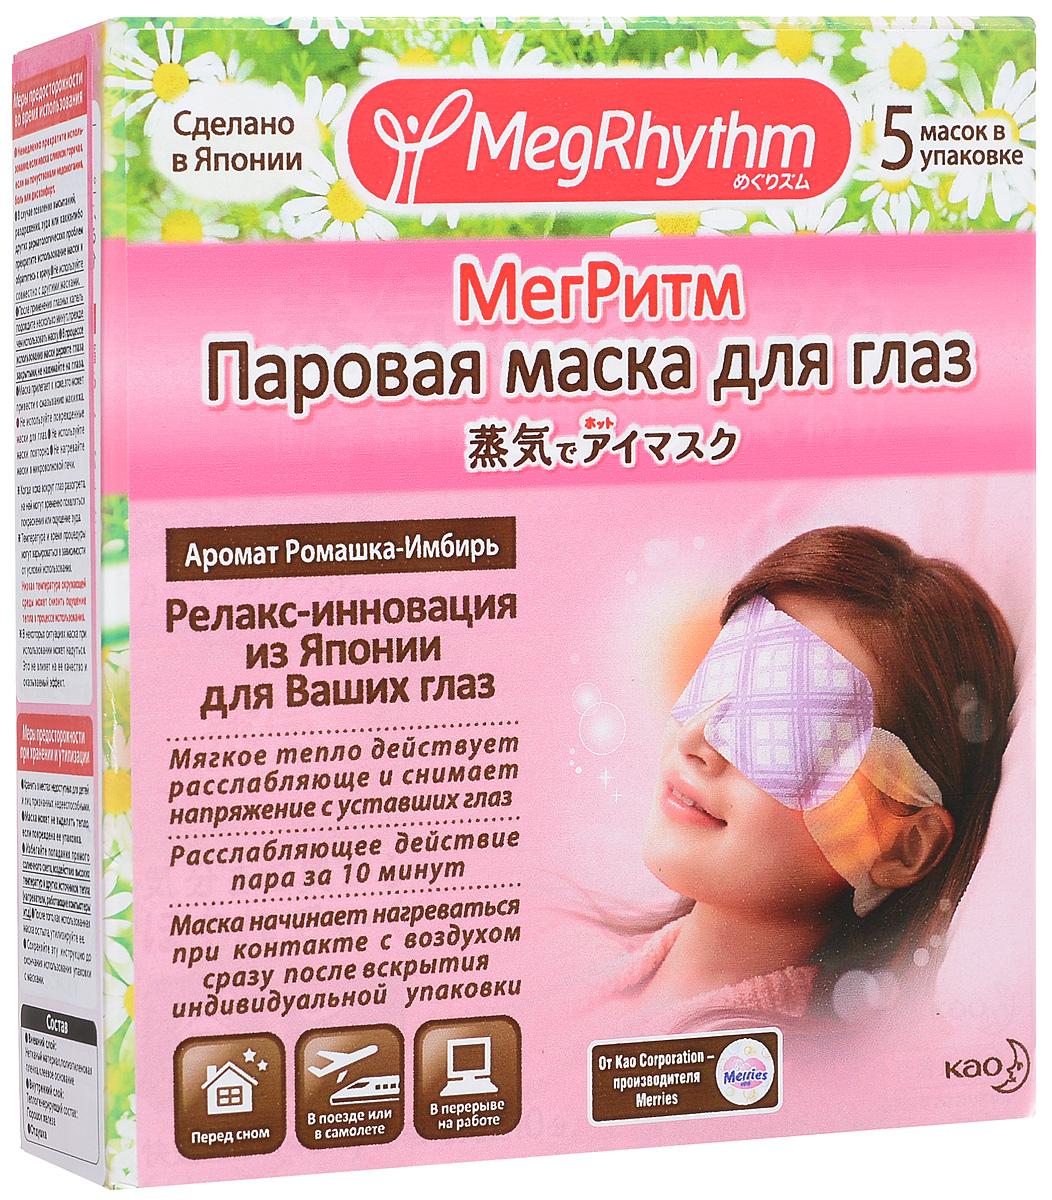 MegRhythm Паровая маска для глаз (Ромашка - Имбирь) 5 шт450500053Снимите напряжение с ваших уставших глаз с помощью паровой маски. Теплый пар температурой около 40 С в течение 10 минут мягко окутывает глаза. * В процессе использования пар невидим, но его эффект можно почувствовать по увлажнению кожи вокруг глаз после завершения процедуры. SPA - процедура на основе согревающего пара успокоит, снимет напряжение, и ваши отдохнувшие глаза снова засияют. Ультратонкий, идеально прилегающий к коже материал. Удобные ушные петли позволяют использовать маску в любом положении. Маска начинает нагреваться сразу после вскрытия что делает ее удобной для использования в любой ситуации. Гигиеническая одноразовая маска удобна в использовании. Уважаемые клиенты! Обращаем ваше внимание на возможные изменения в дизайне упаковки. Качественные характеристики товара остаются неизменными. Поставка осуществляется в зависимости от наличия на складе.